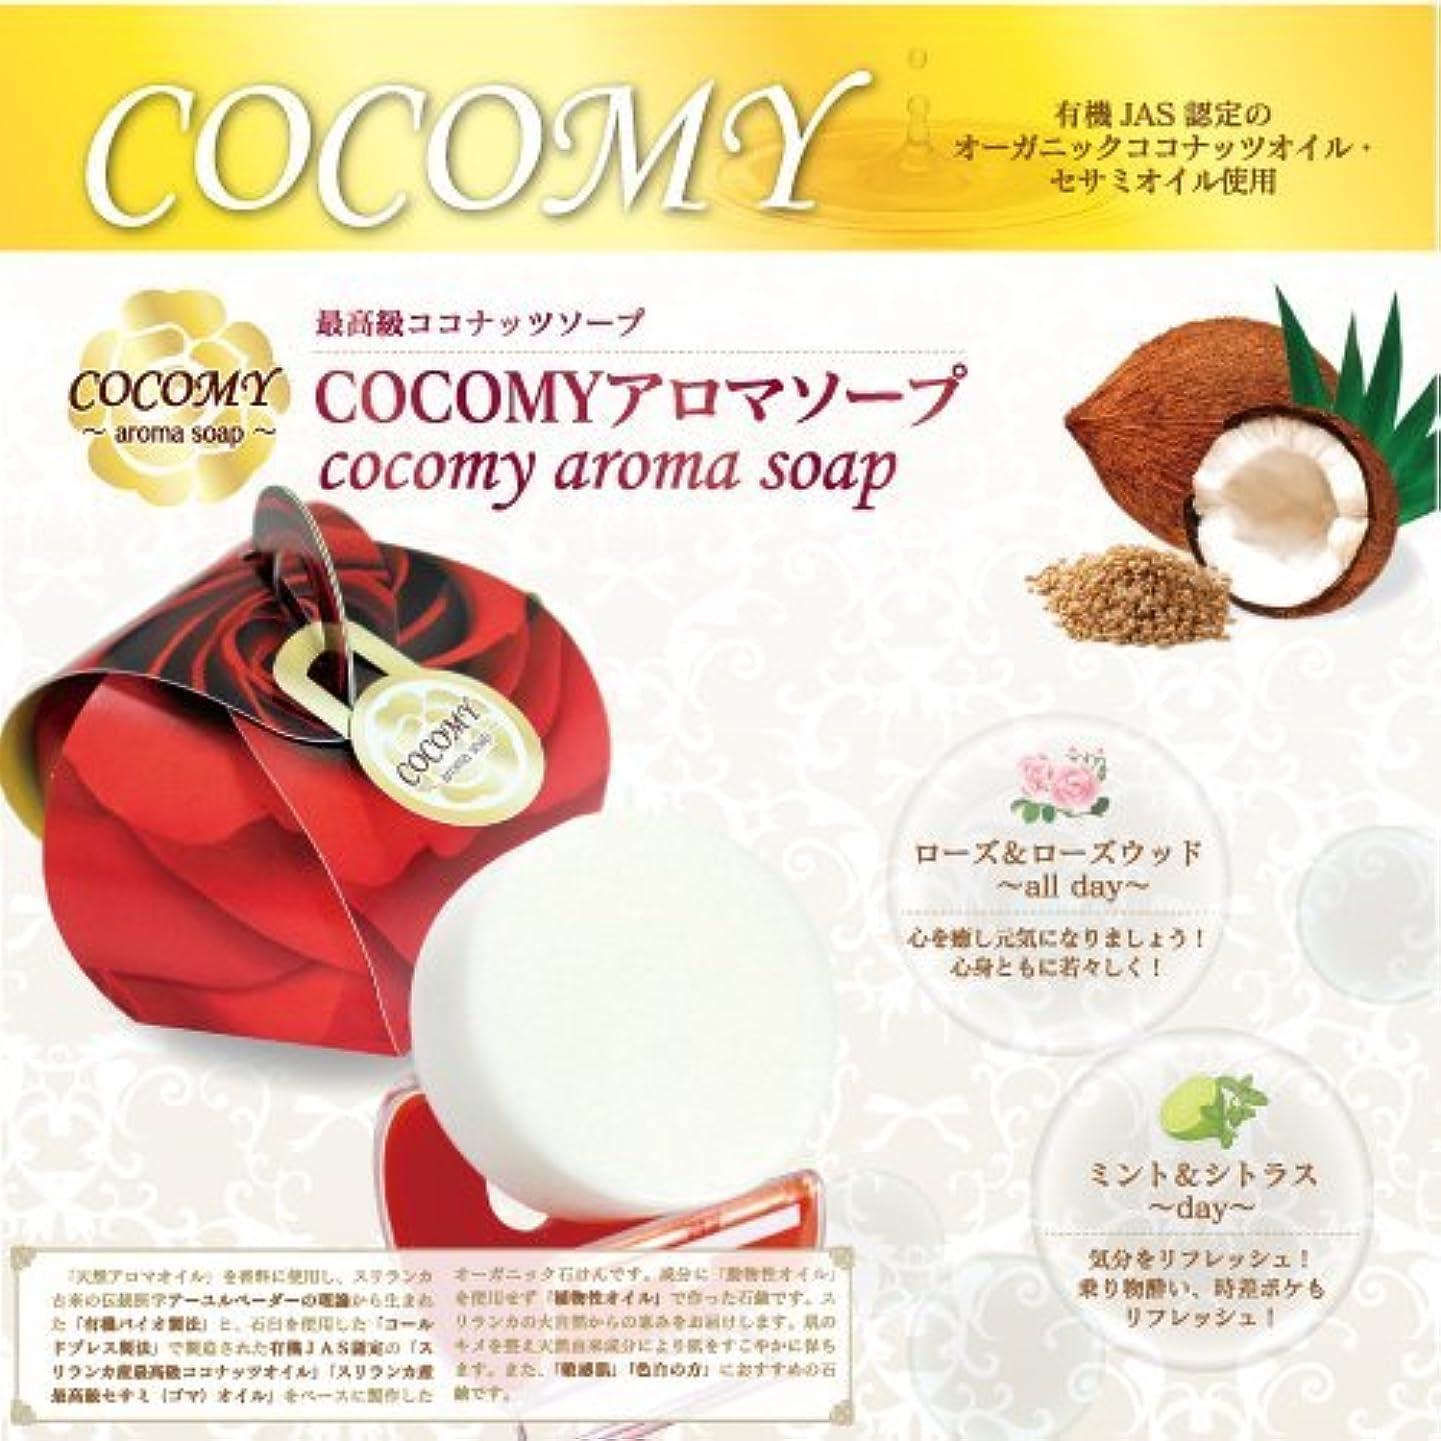 リスク違法調和のとれたCOCOMY aromaソープ 2個セット (ミント&シトラス)(ローズ&ローズウッド) 40g×各1